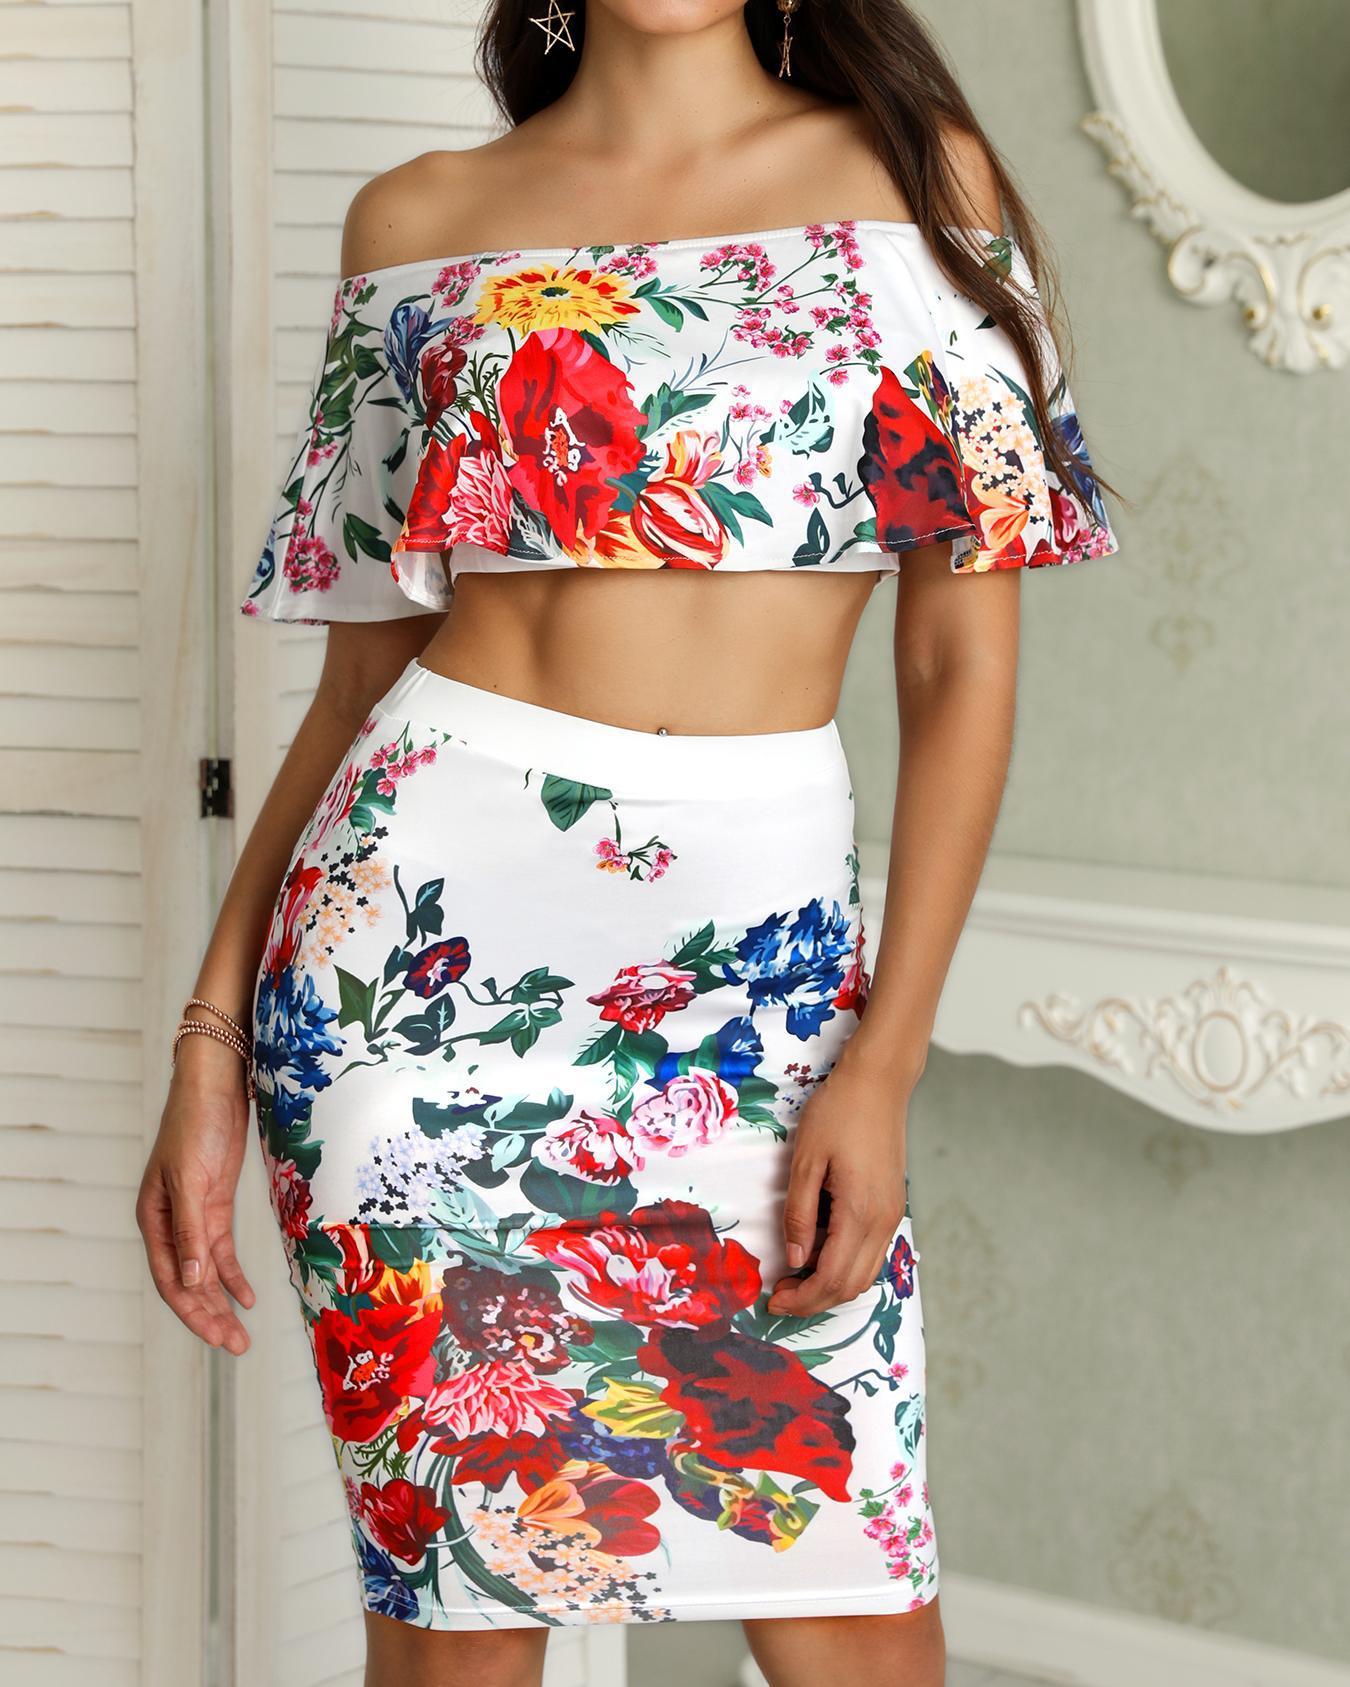 Floral Print Off Shoulder Cropped Top & Skirt Set фото